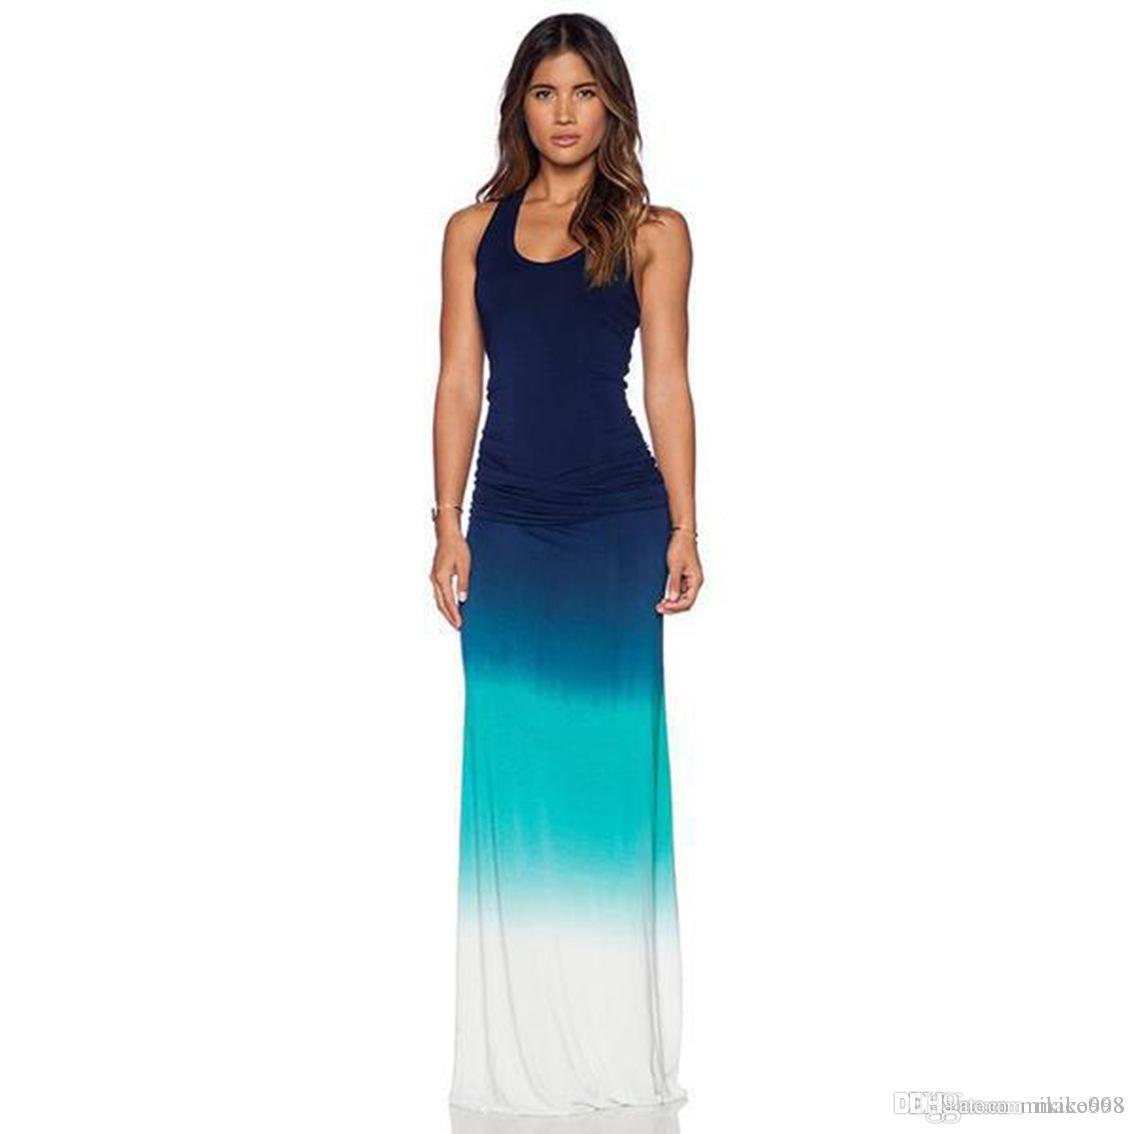 Yeni kadın elbise plaj tabanı kolsuz yelek gevşek degrade kod baskılı elbise